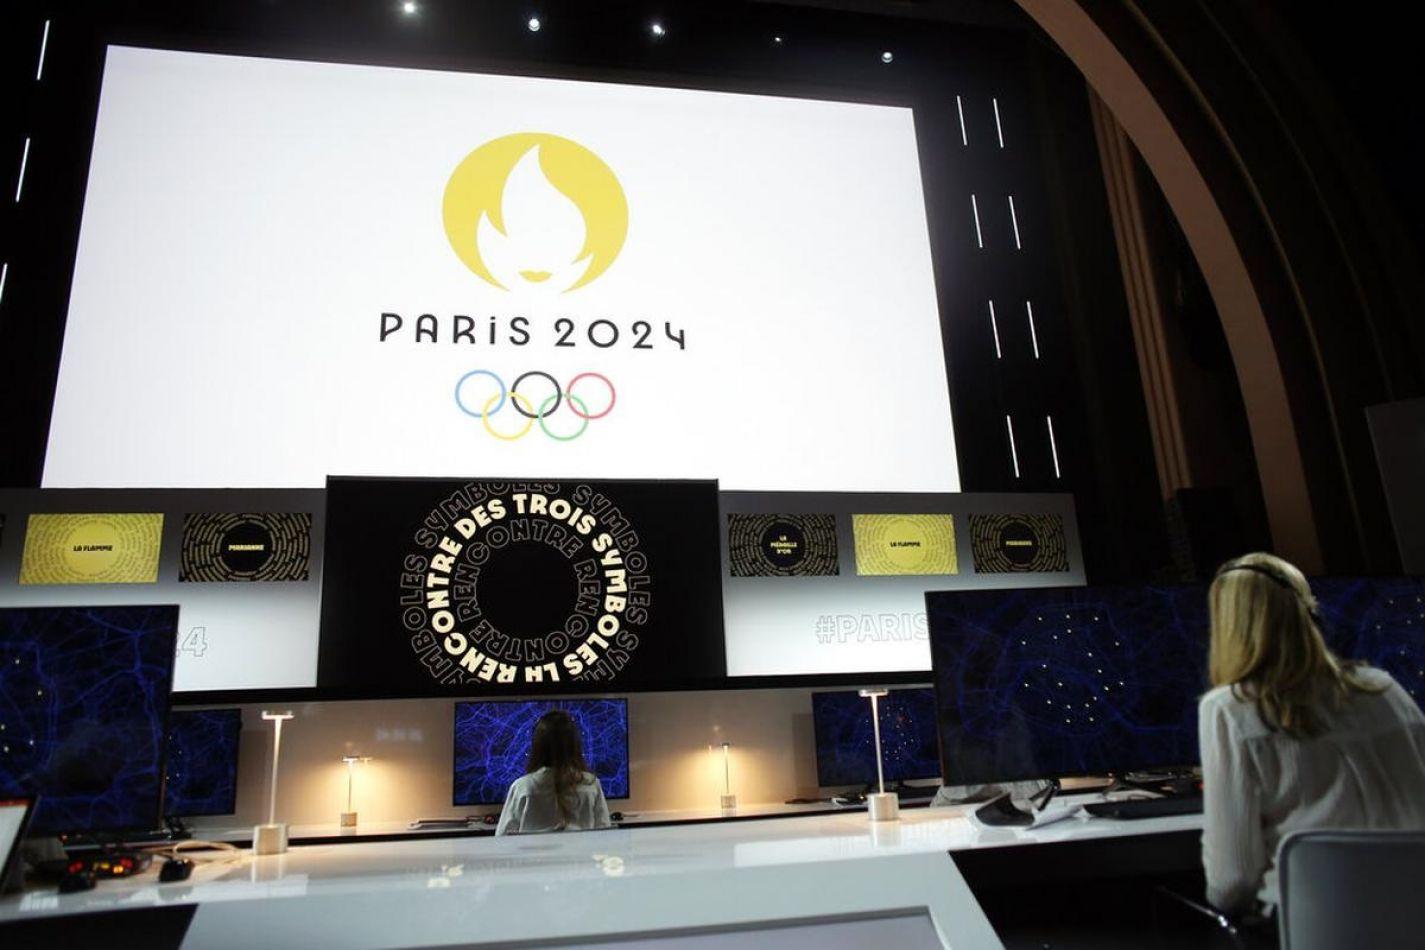 Presentaron el logo de los Juegos Olímpicos París 2024